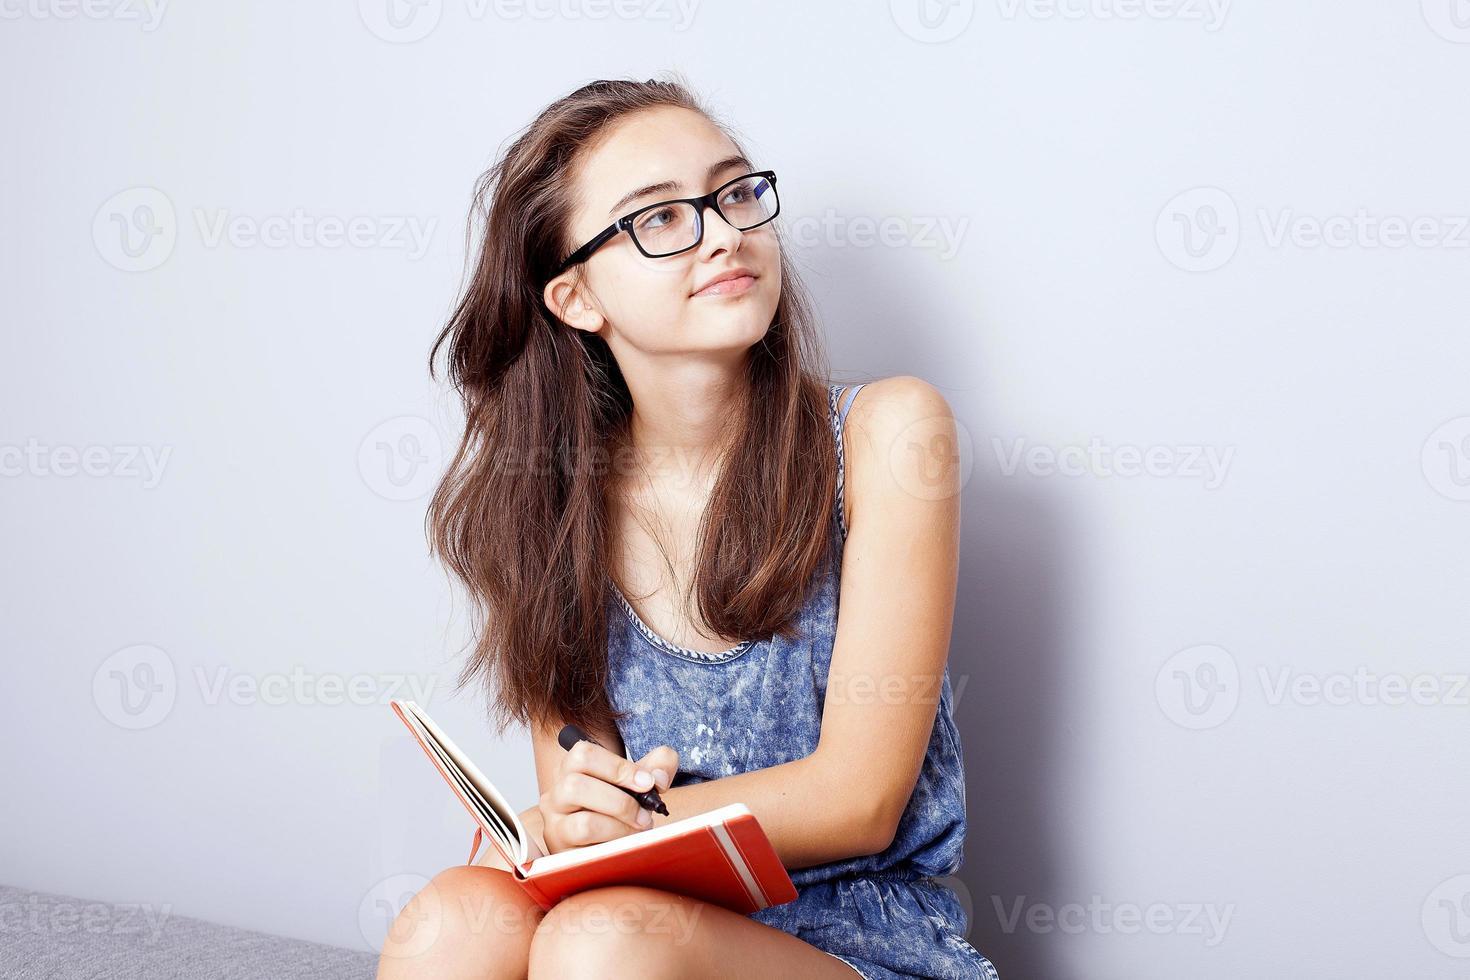 ragazza fare i compiti. foto